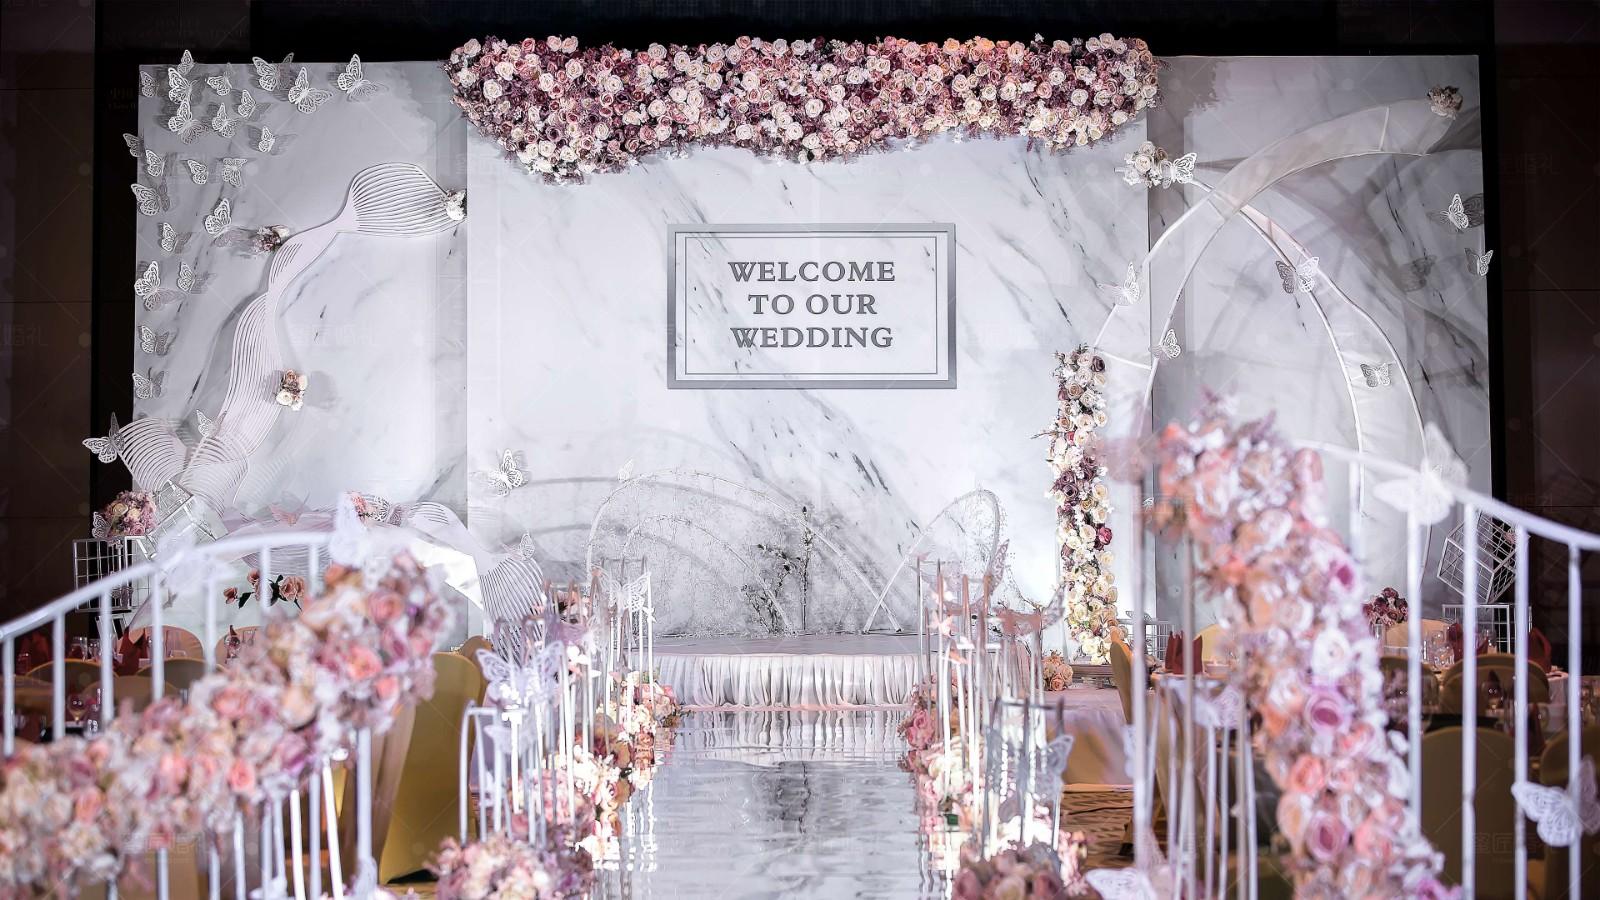 婚礼摄像跟拍工作流程 婚礼摄像拍摄步骤